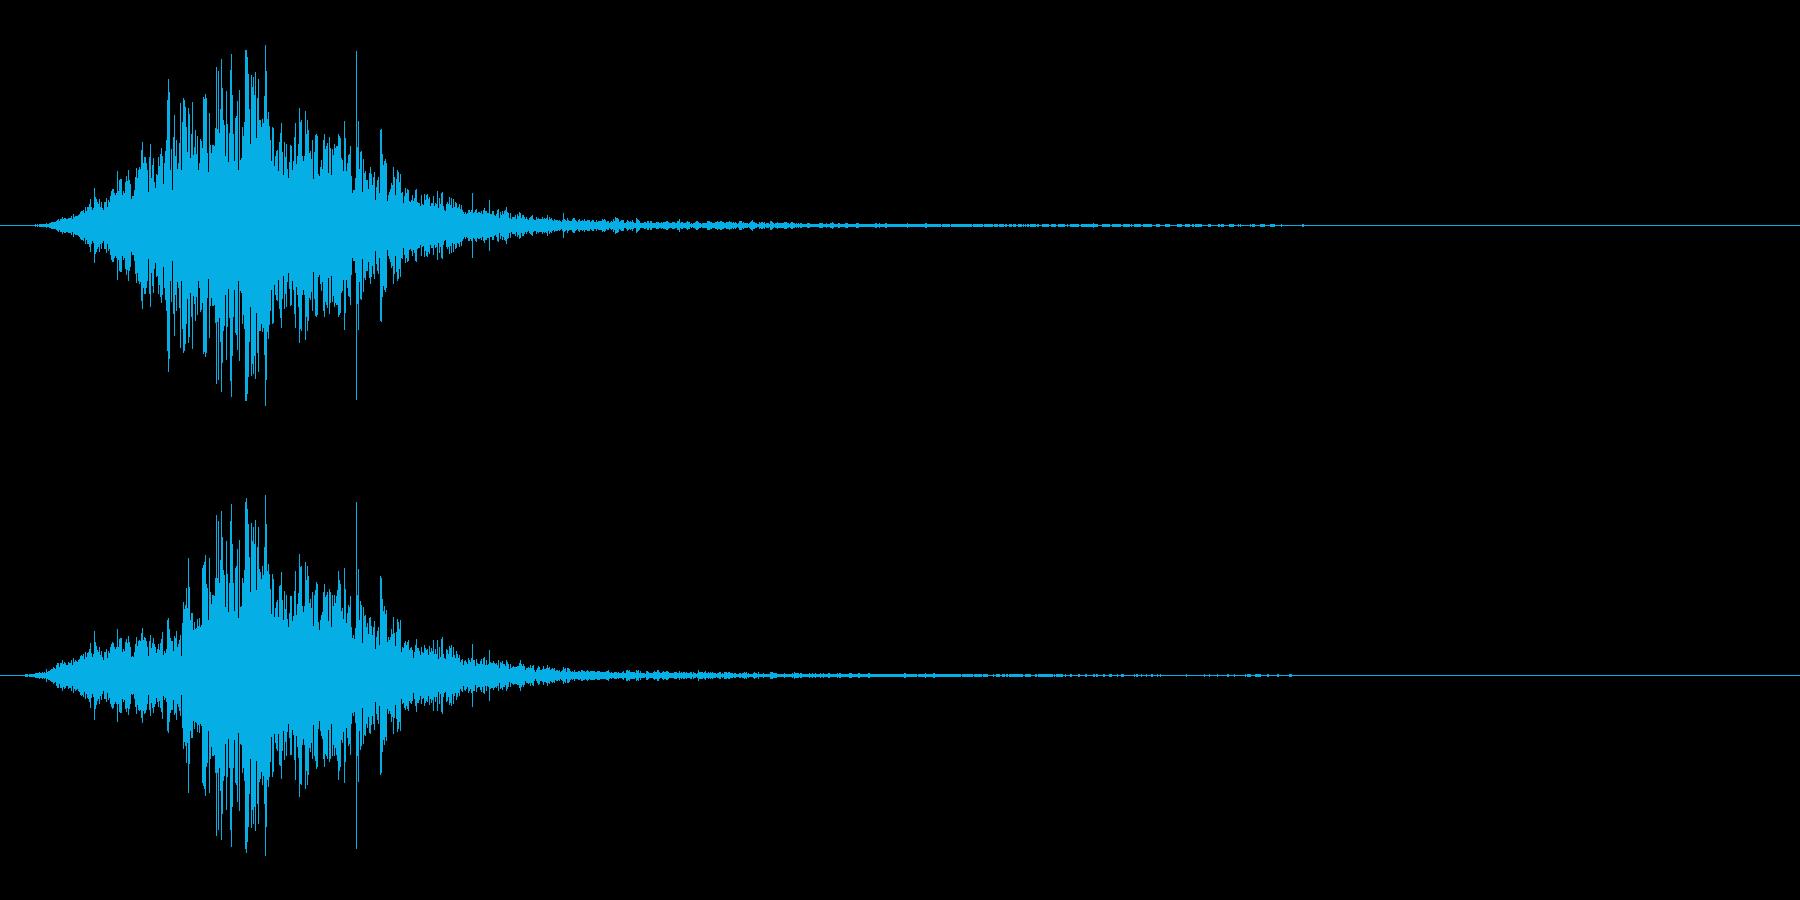 マントをバサッとする音3 ステレオ感の再生済みの波形